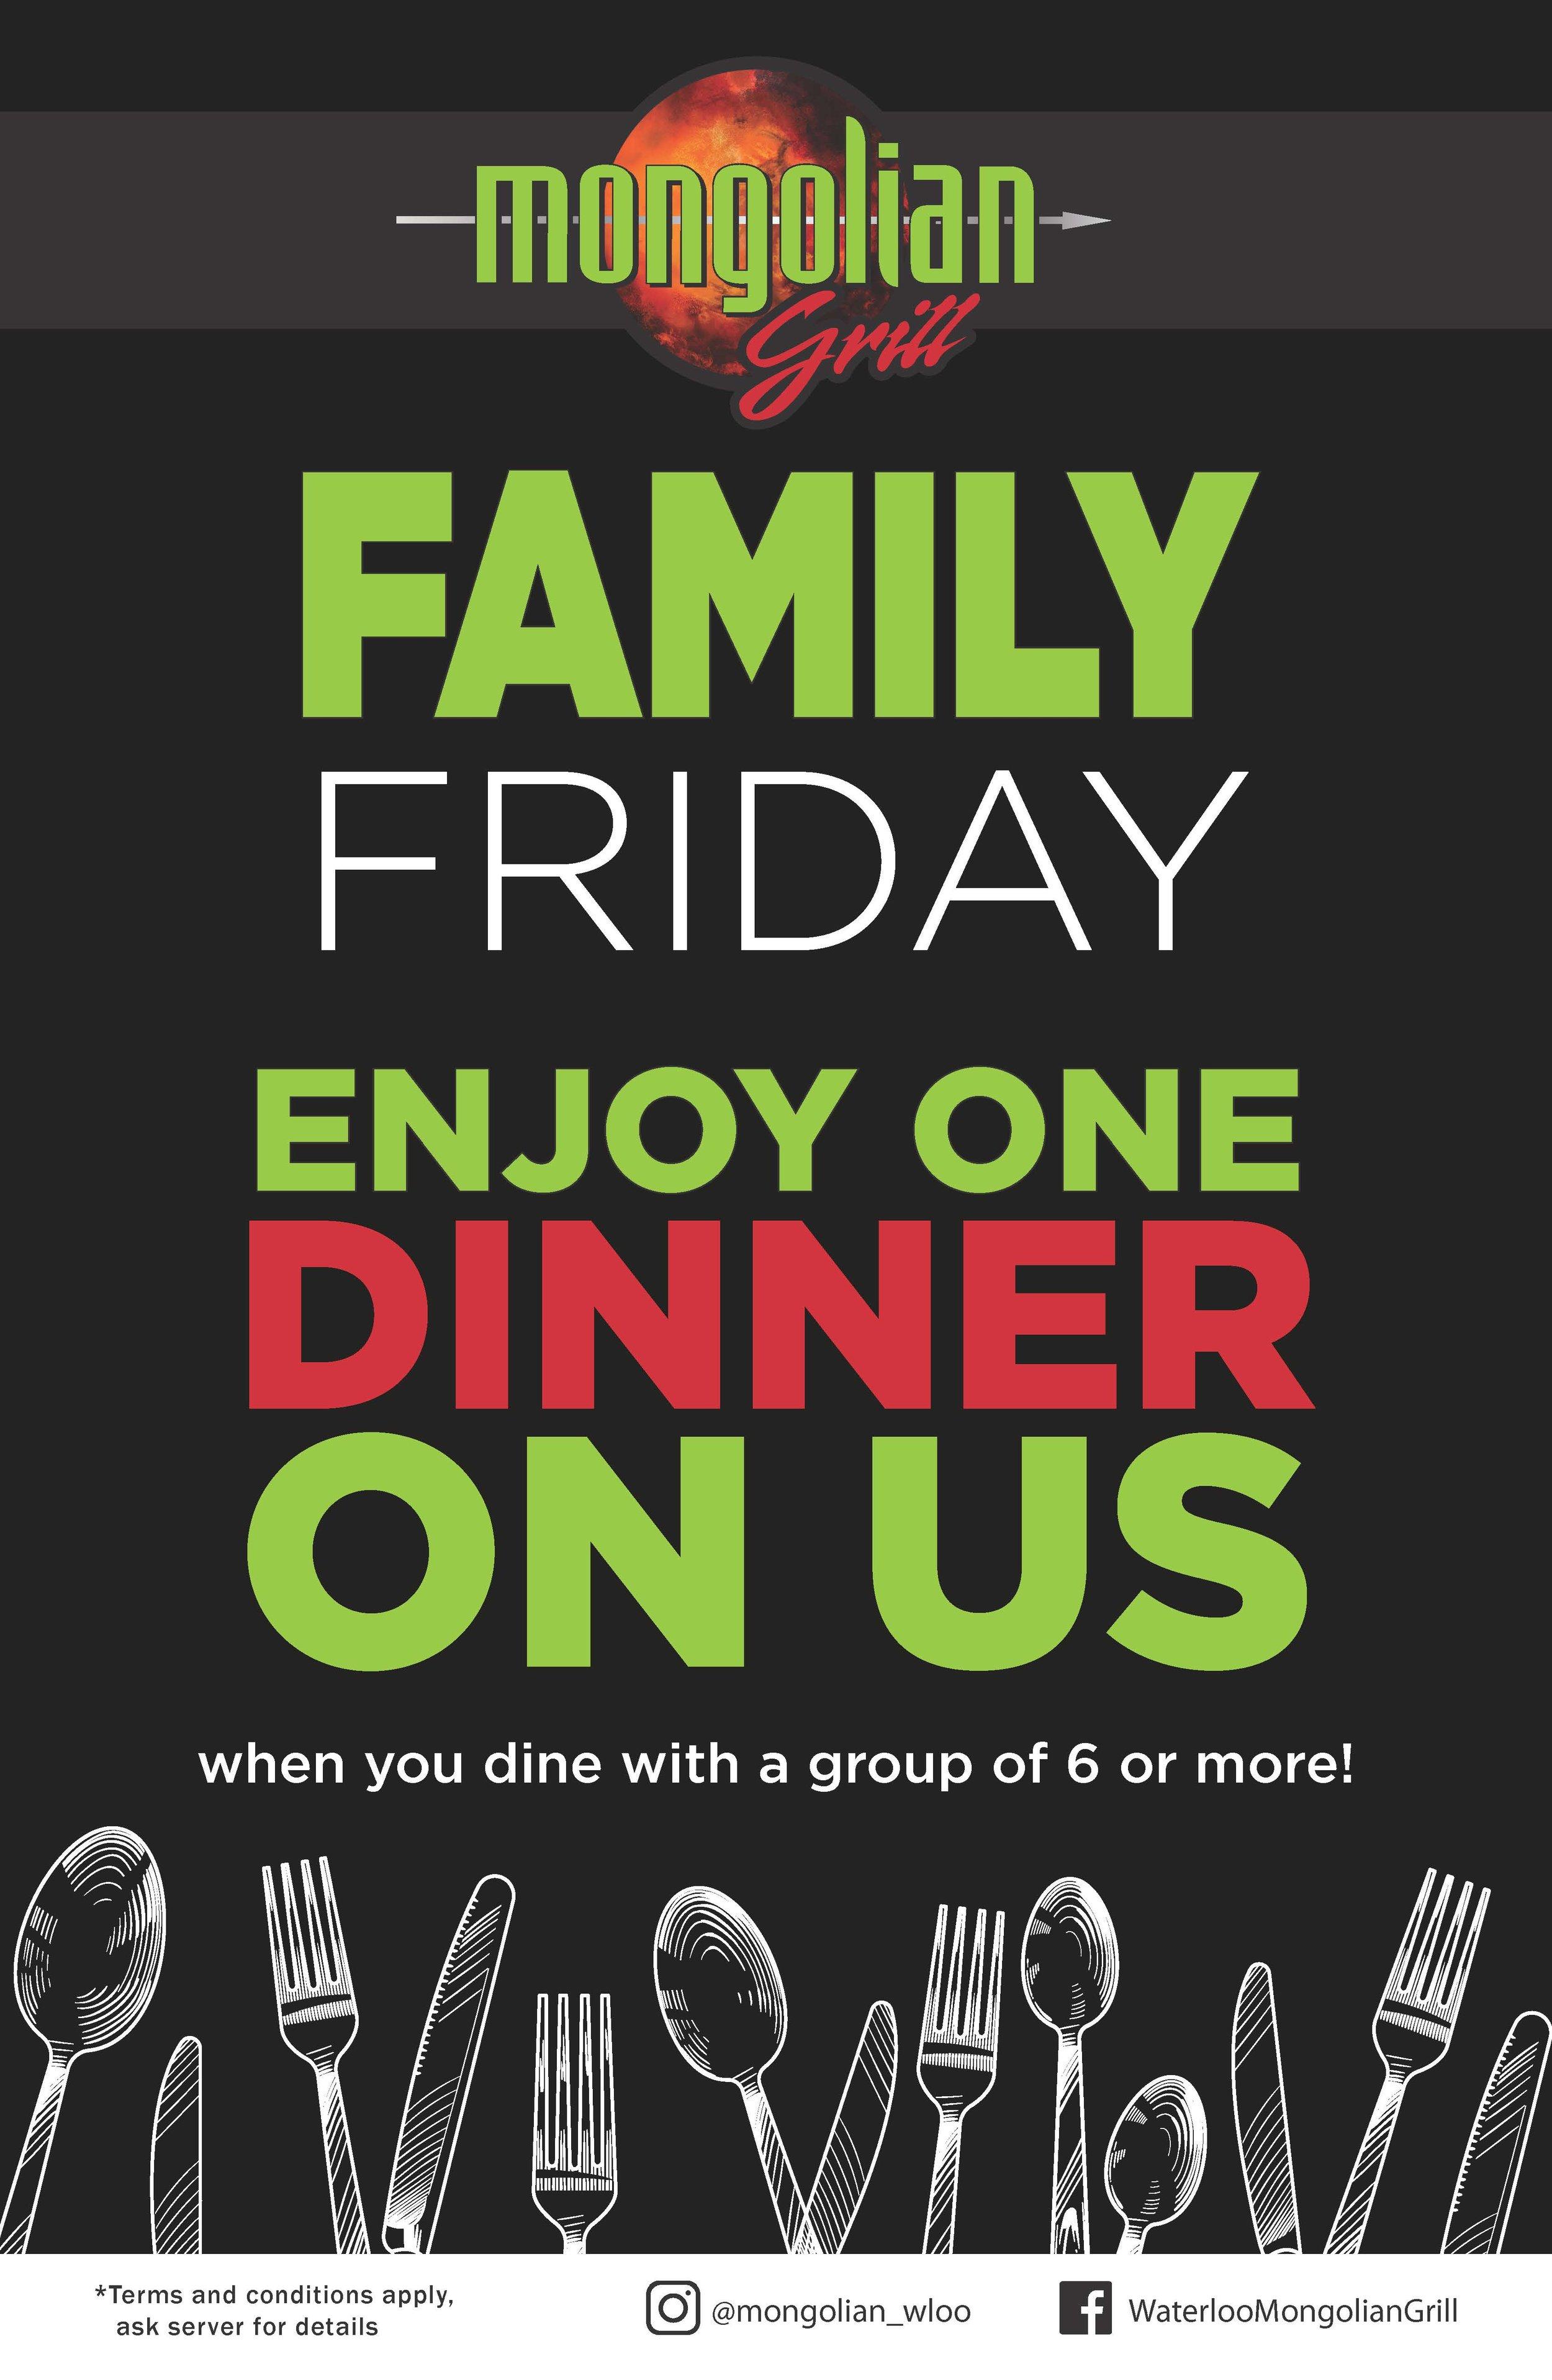 Mongolian Grill Family Friday Poster.jpg